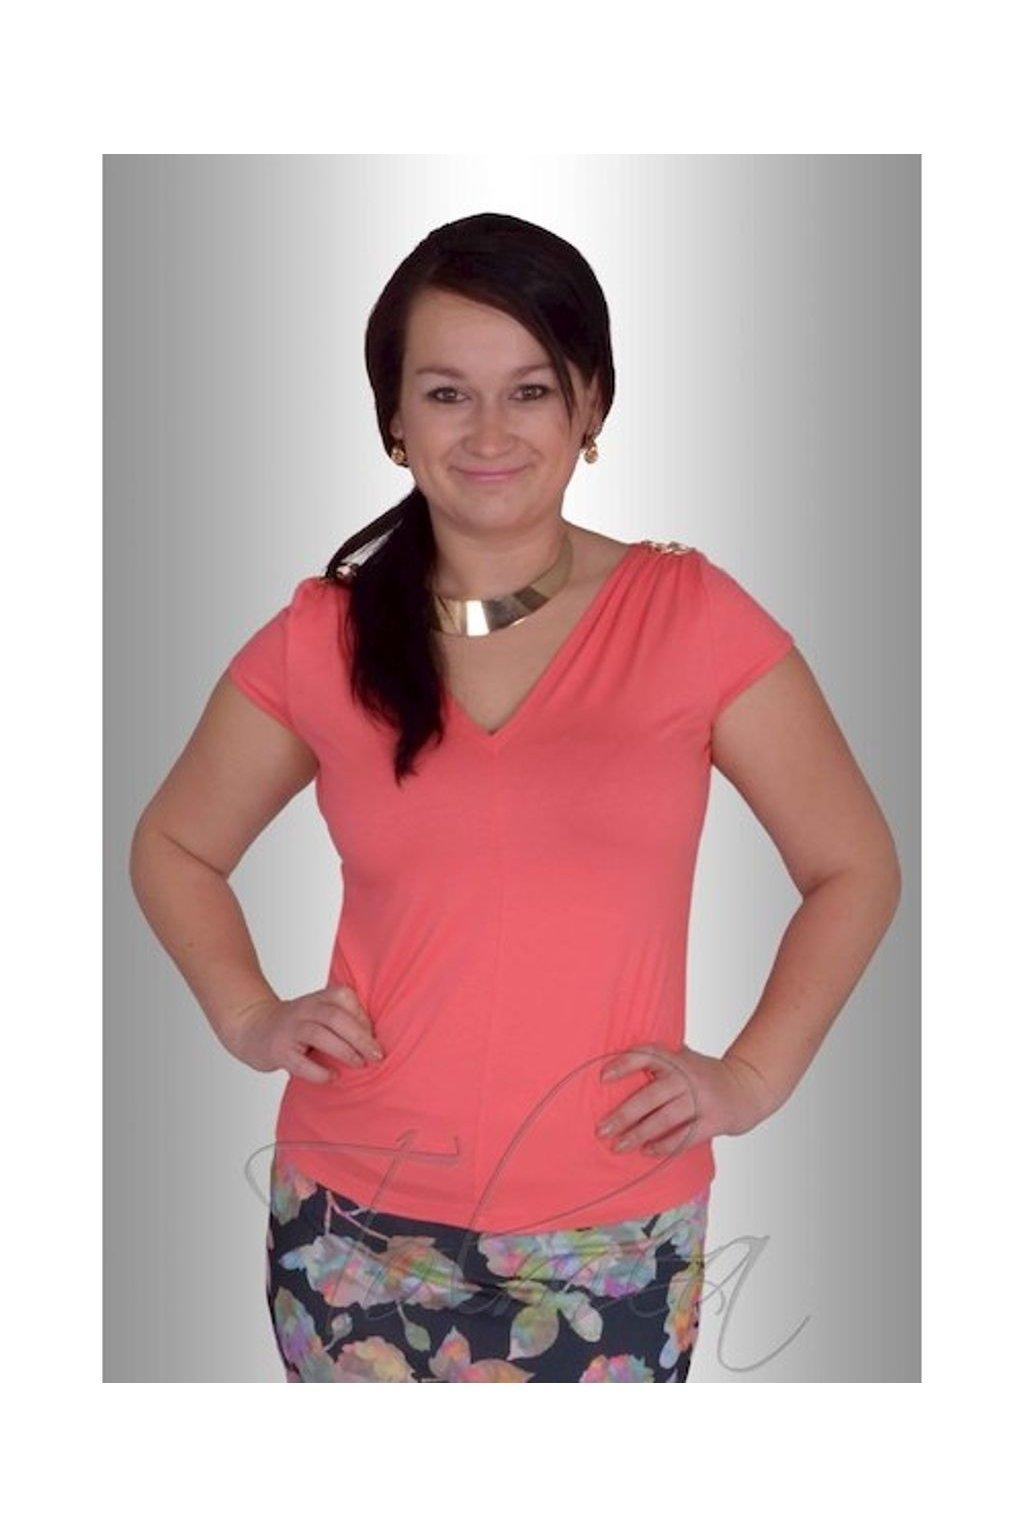 Tričko řasená ramena 6515 (Velikost 38, Barva Černá)